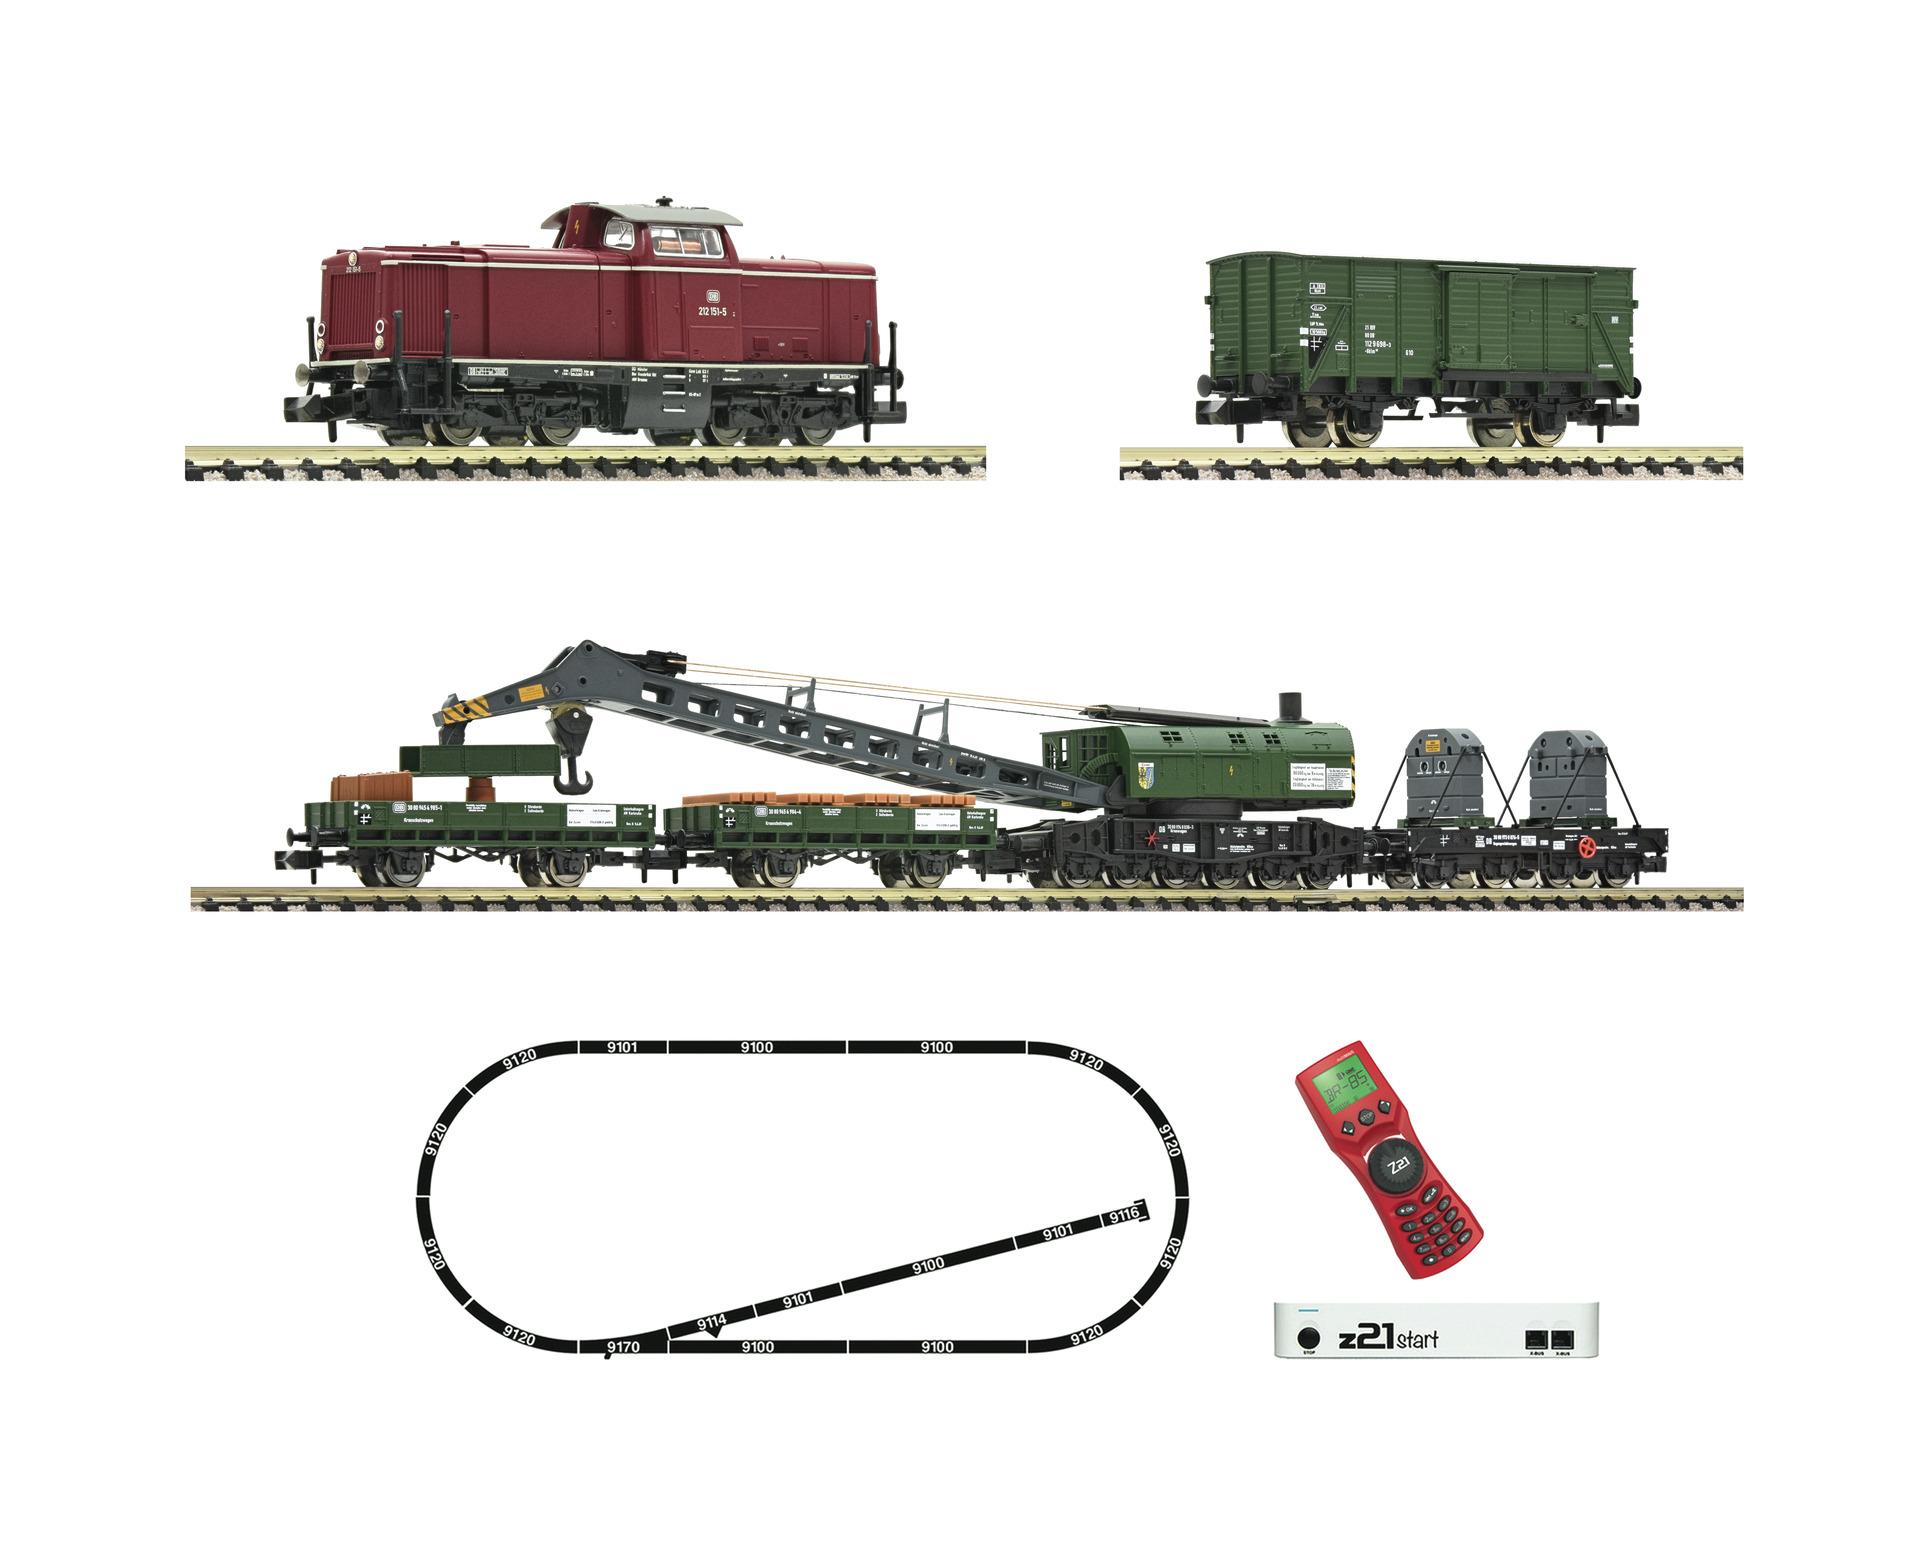 Fleischmann 931899 z21 start Digitalset: Diesellokomotive BR 212 mit Bauzug